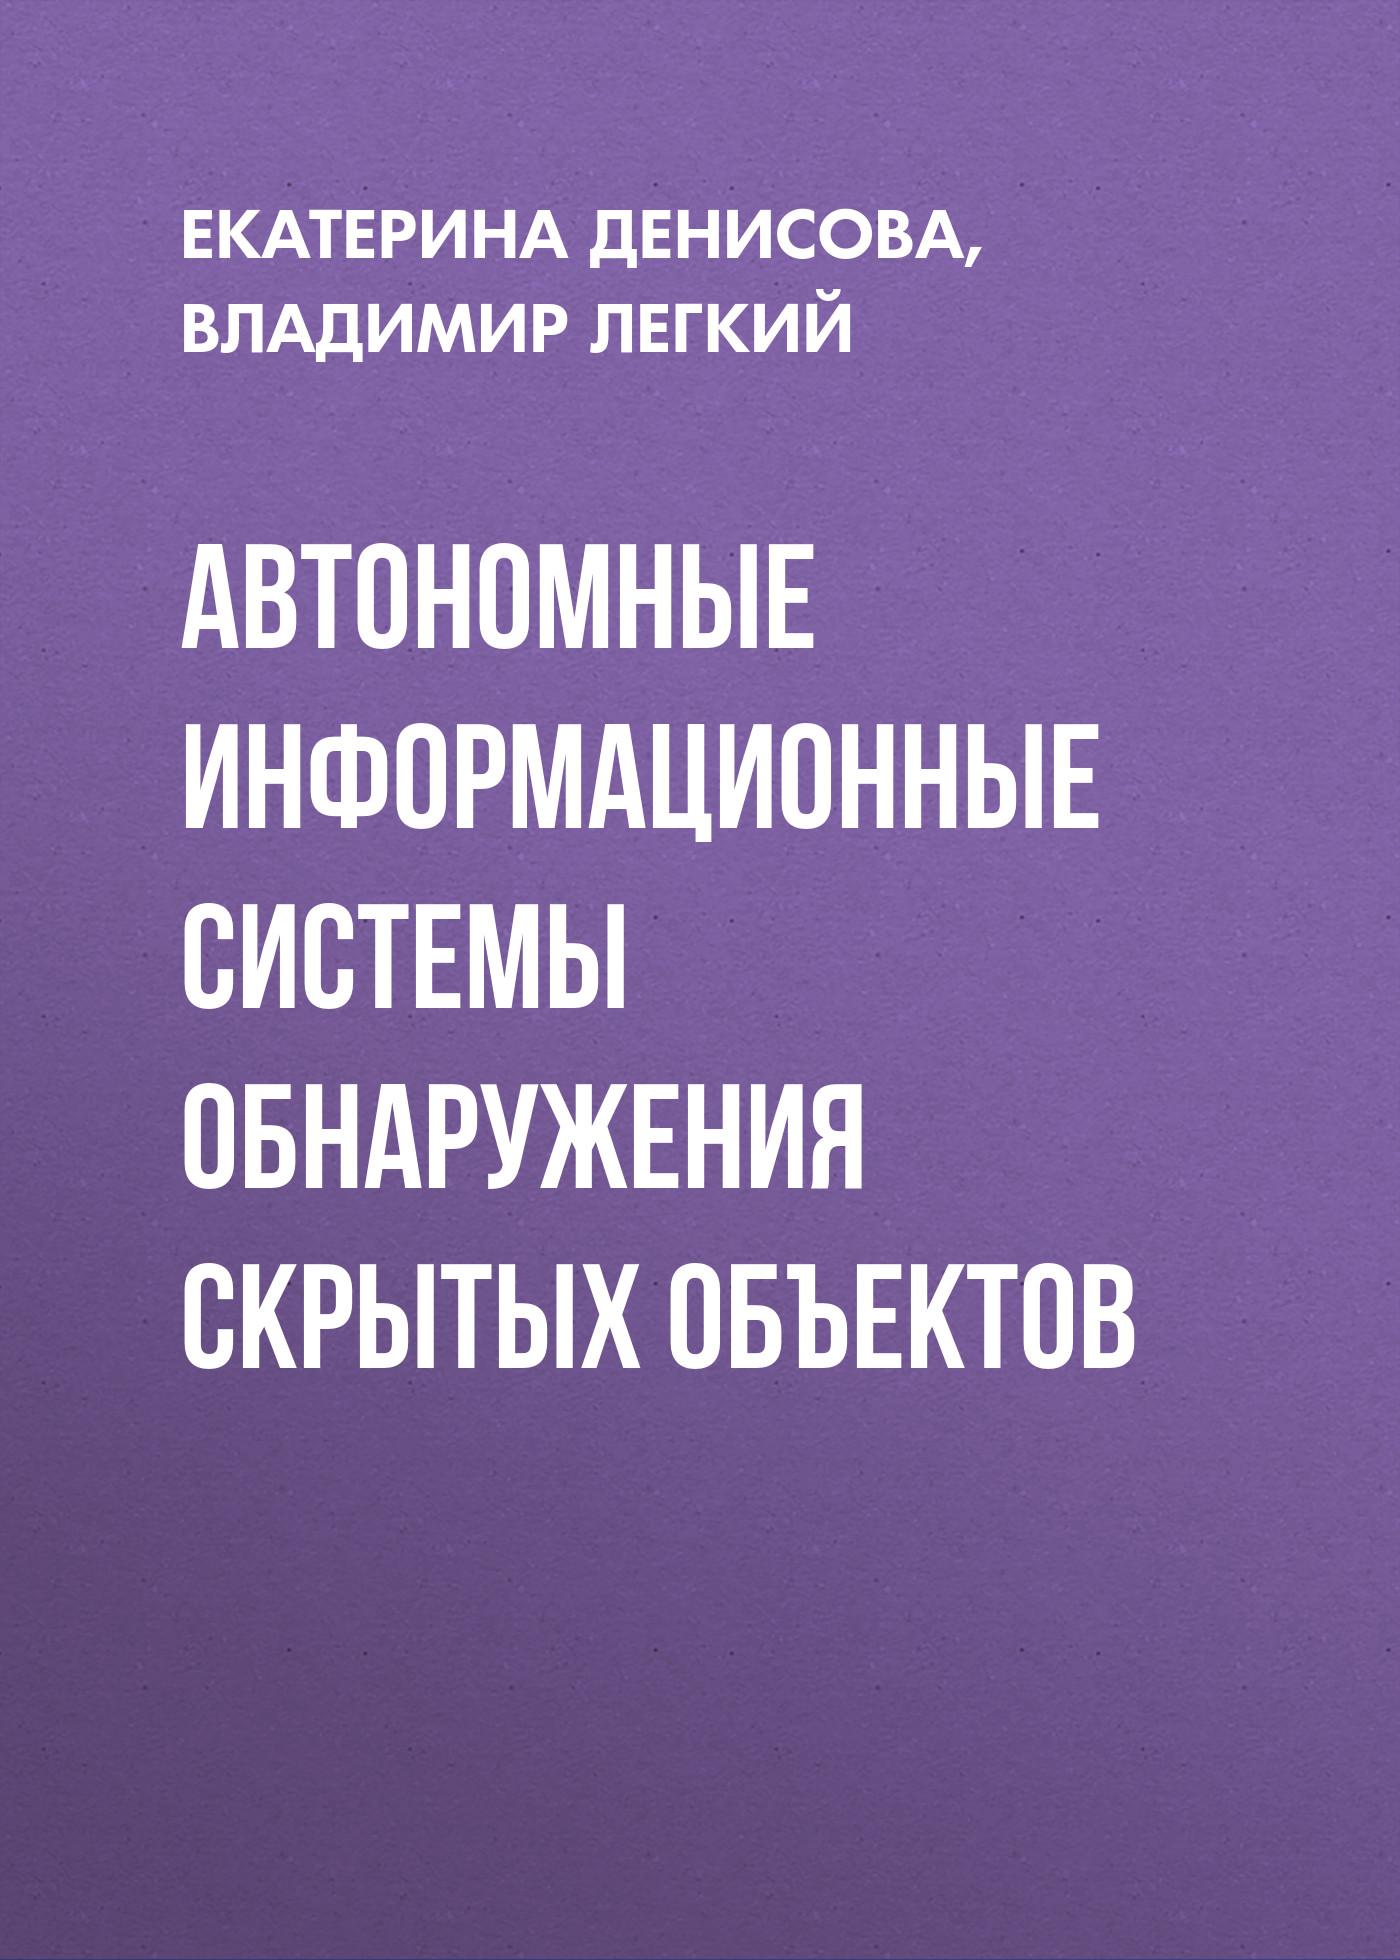 Екатерина Денисова Автономные информационные системы обнаружения скрытых объектов